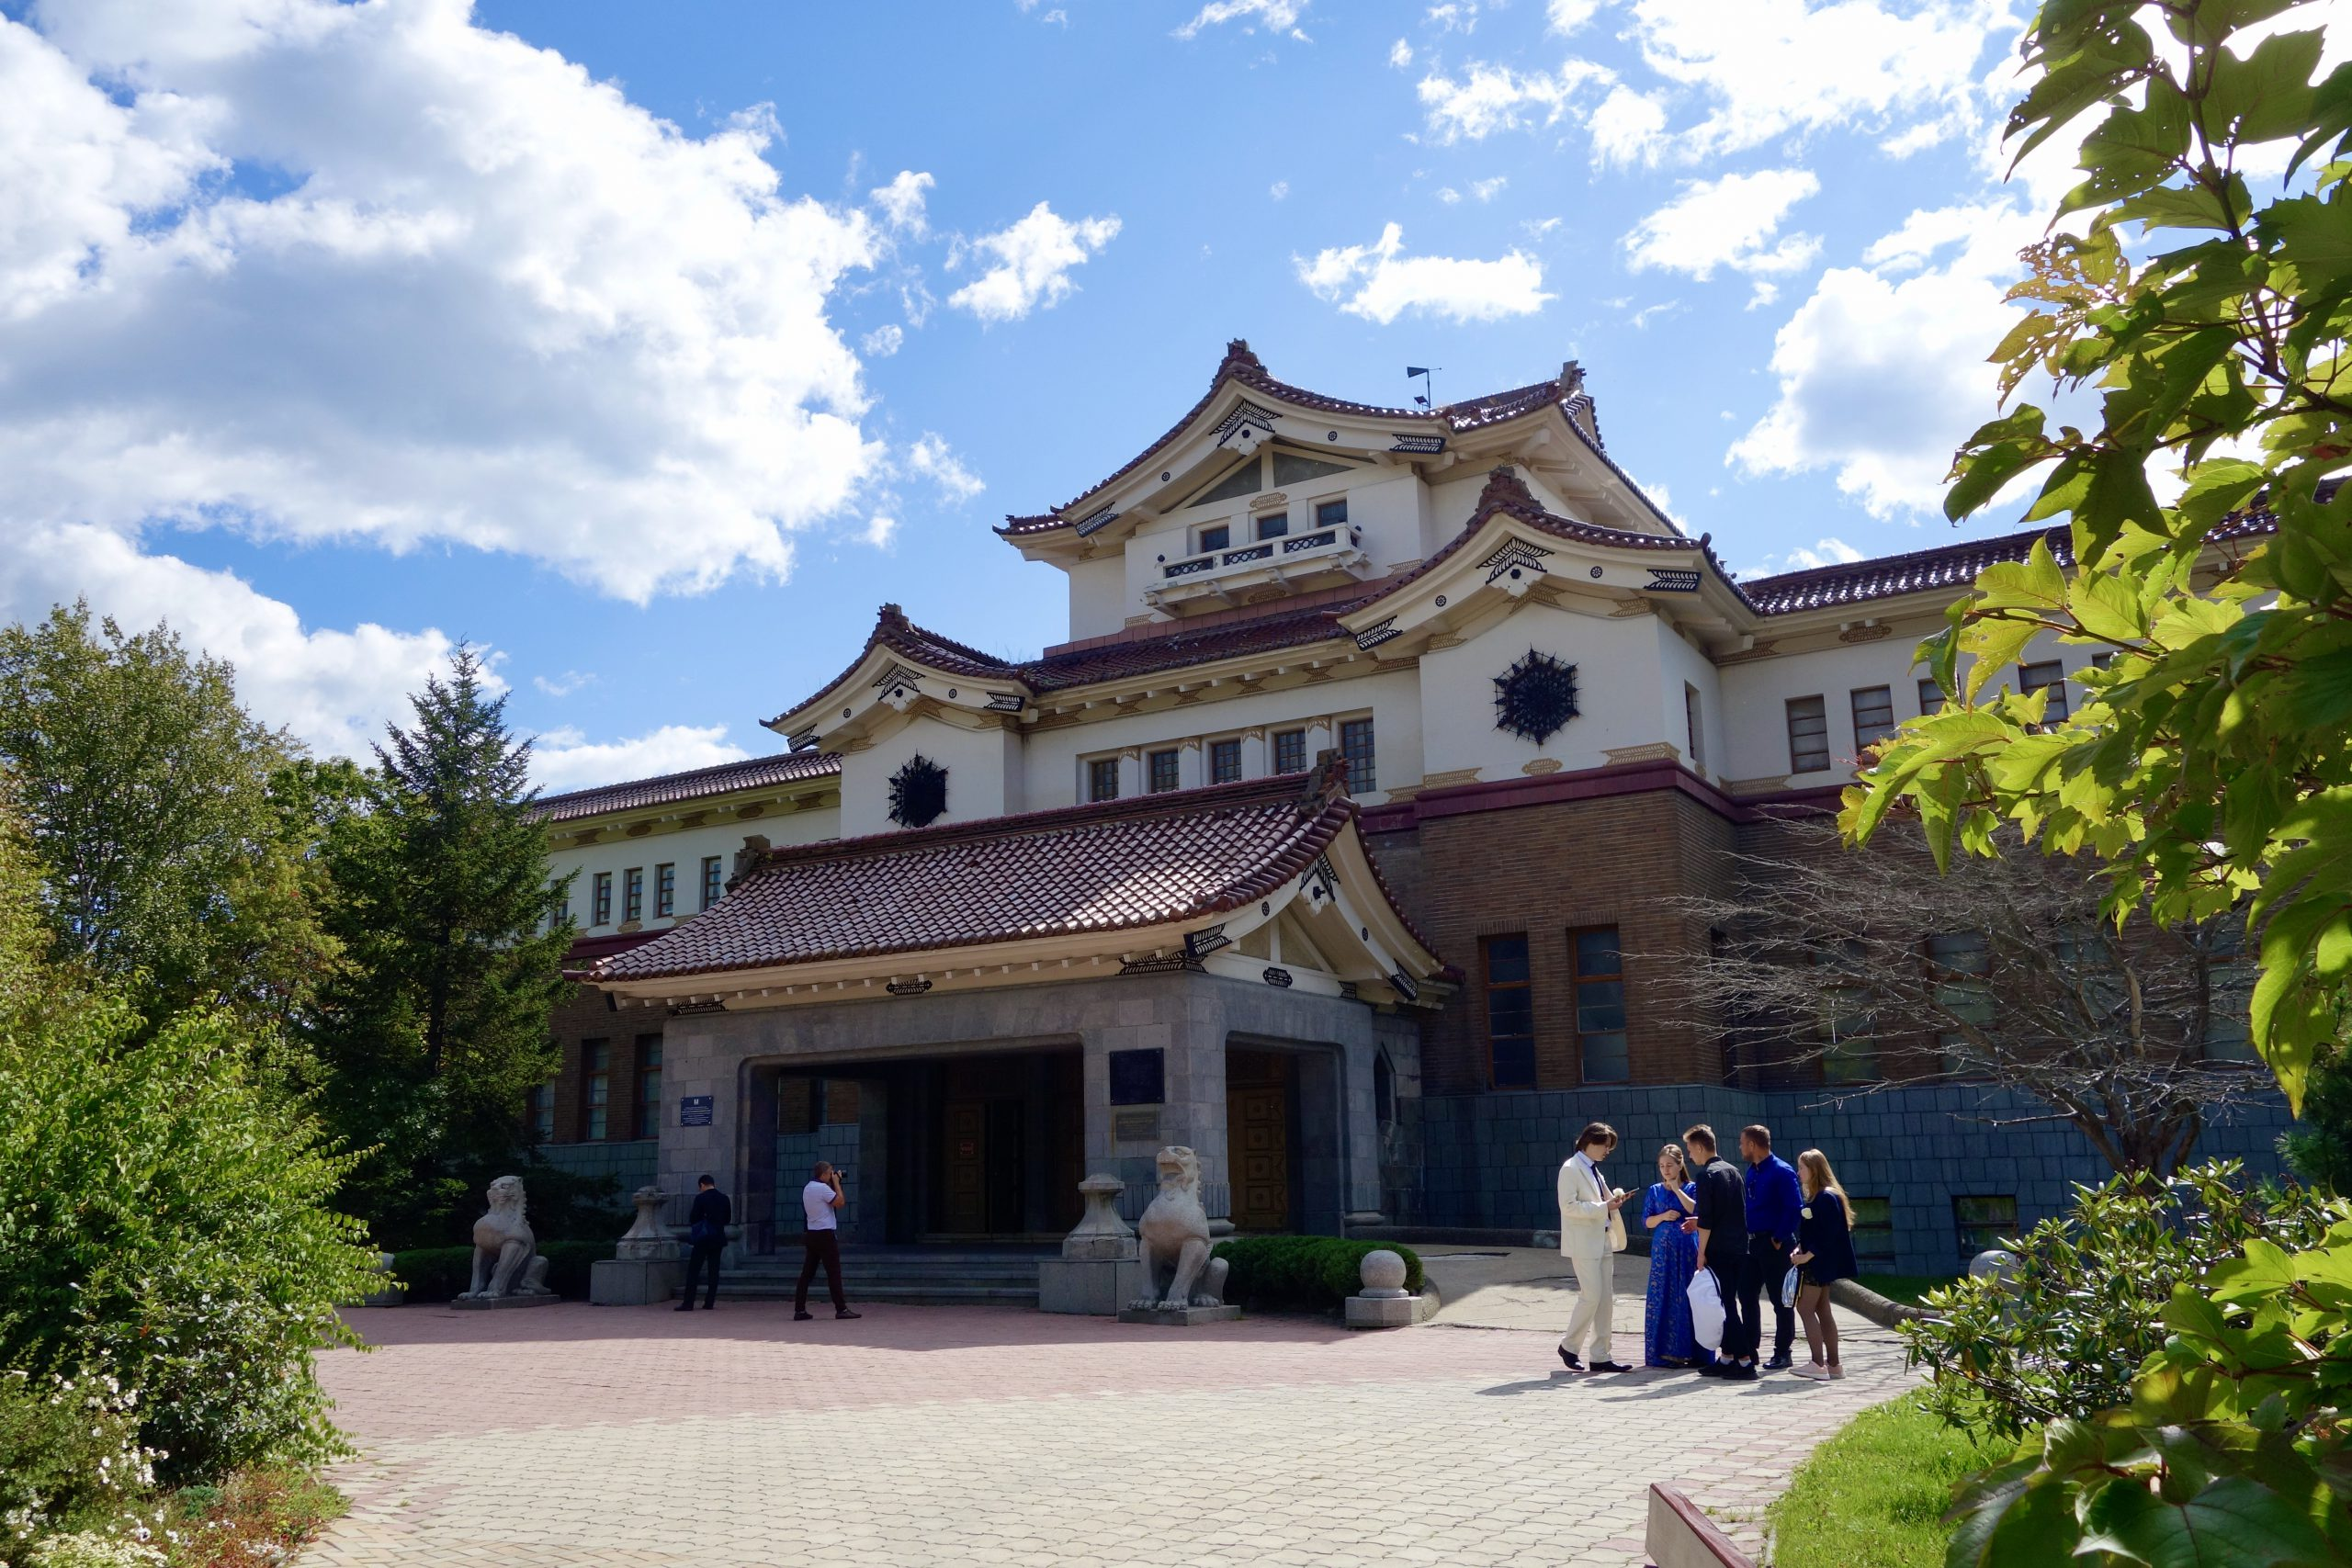 ユジノサハリンスクと日本の歴史遺産